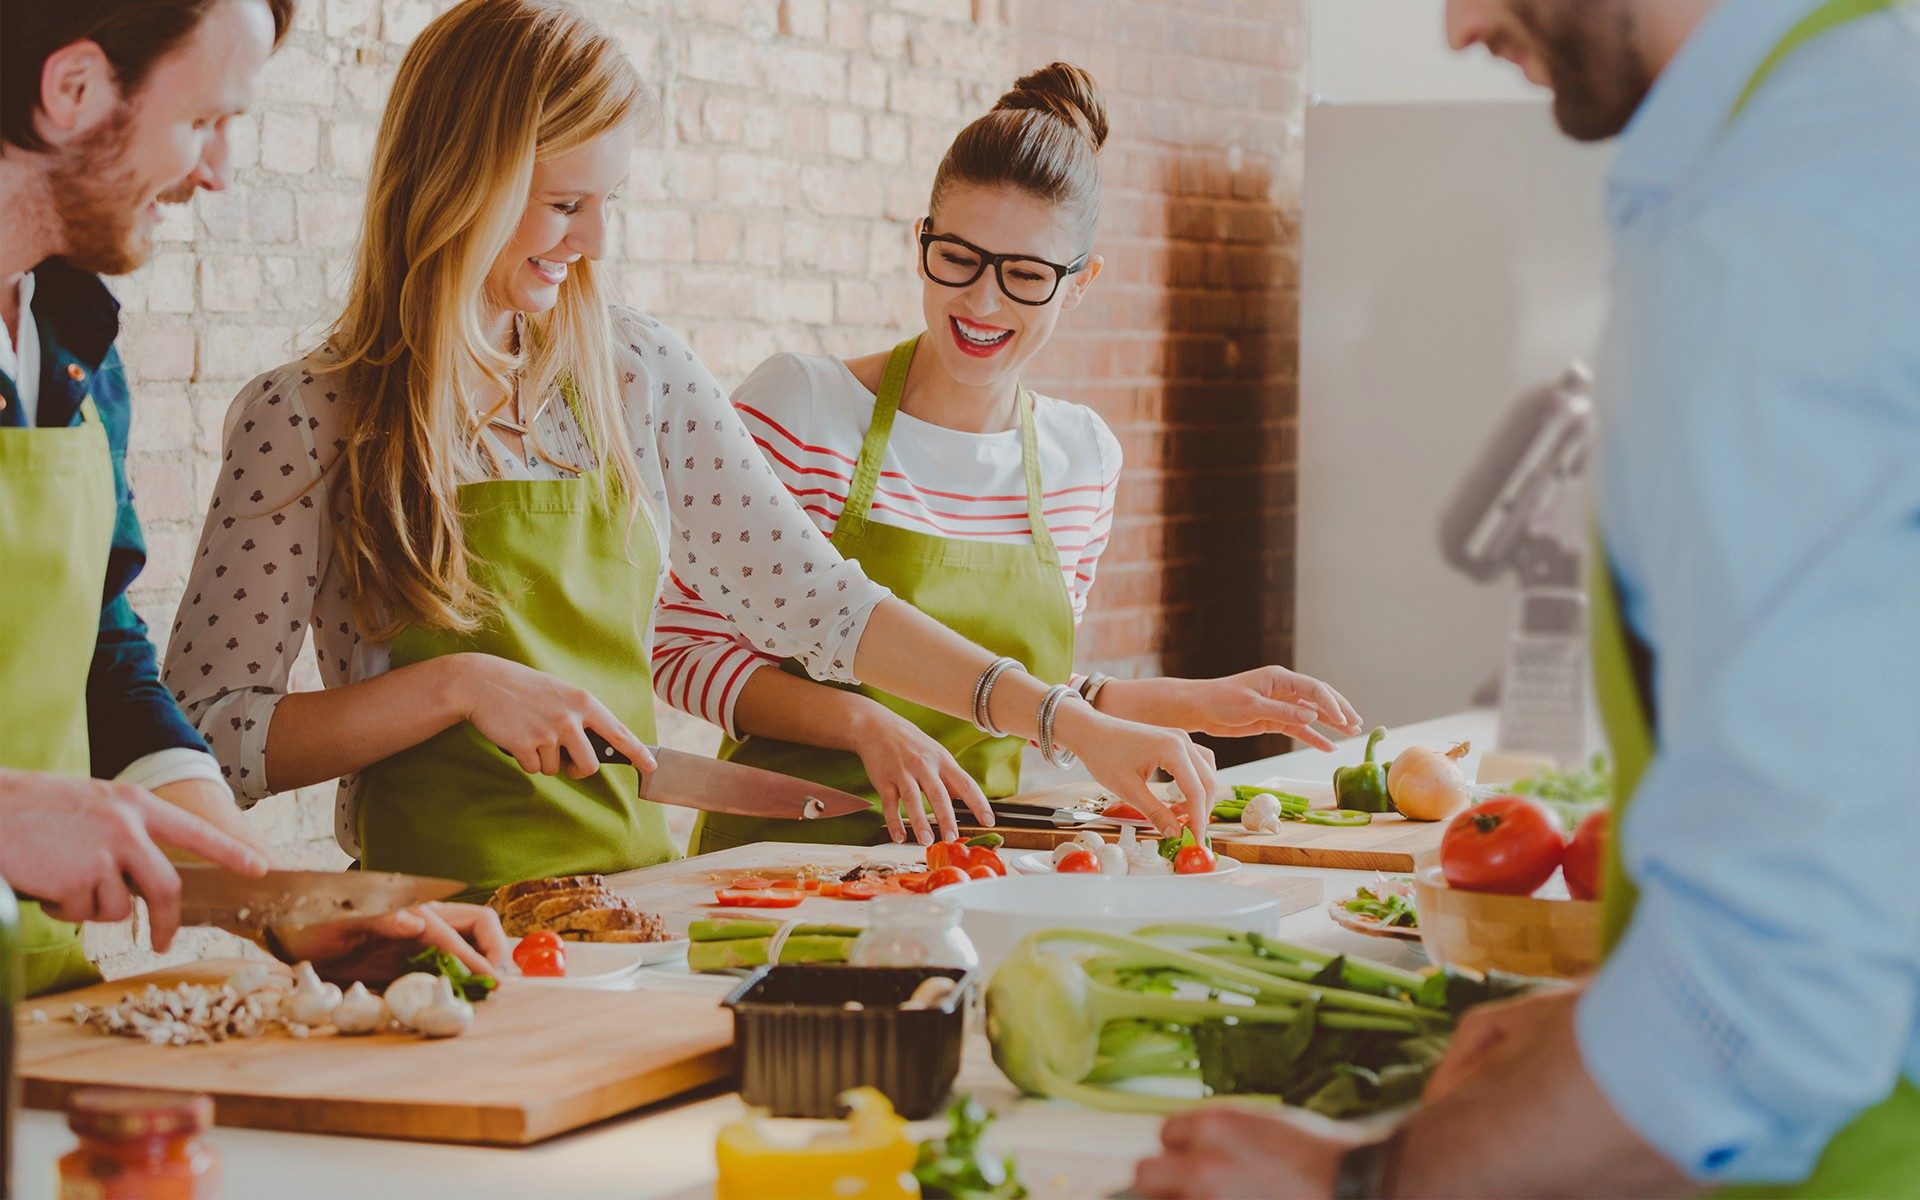 Cours de cuisine gastronomique avec les chefs relais ch teaux - Cours de cuisine aphrodisiaque ...